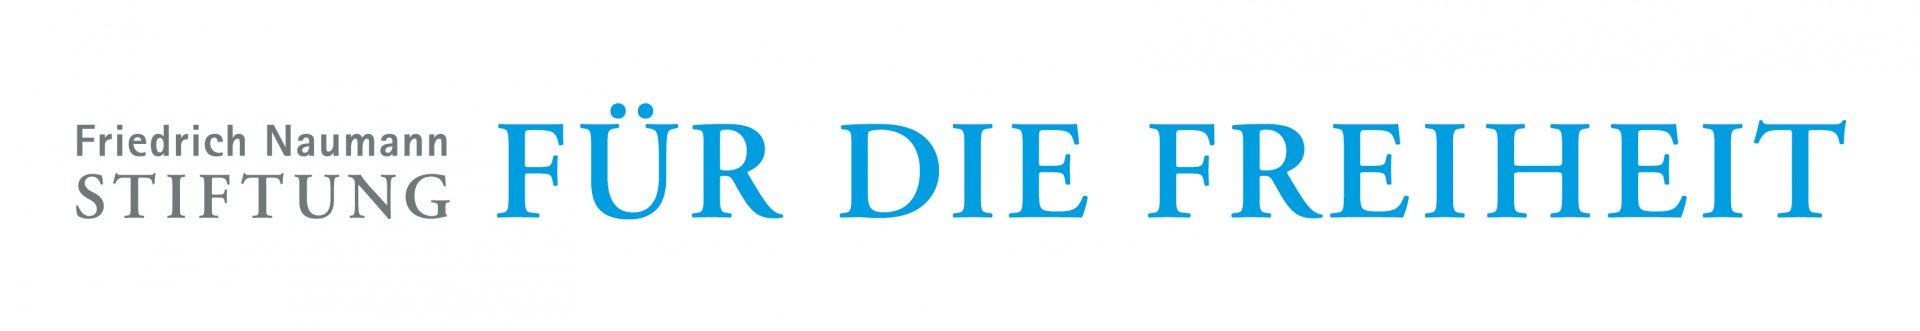 Friedrich-Naumann-Stiftung für die Freiheit logo